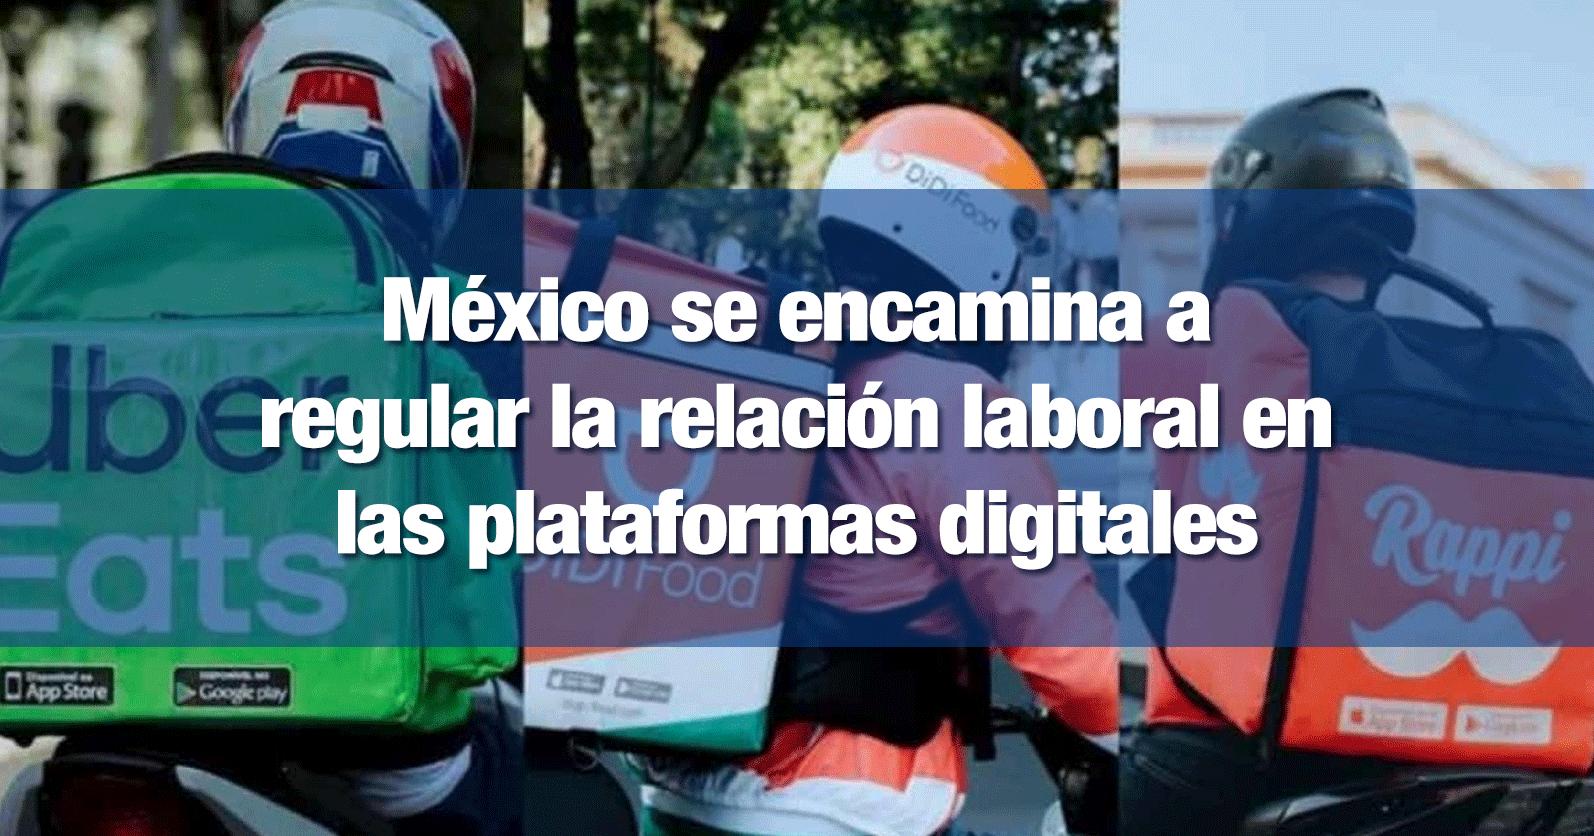 México se encamina a regular la relación laboral en las plataformas digitales